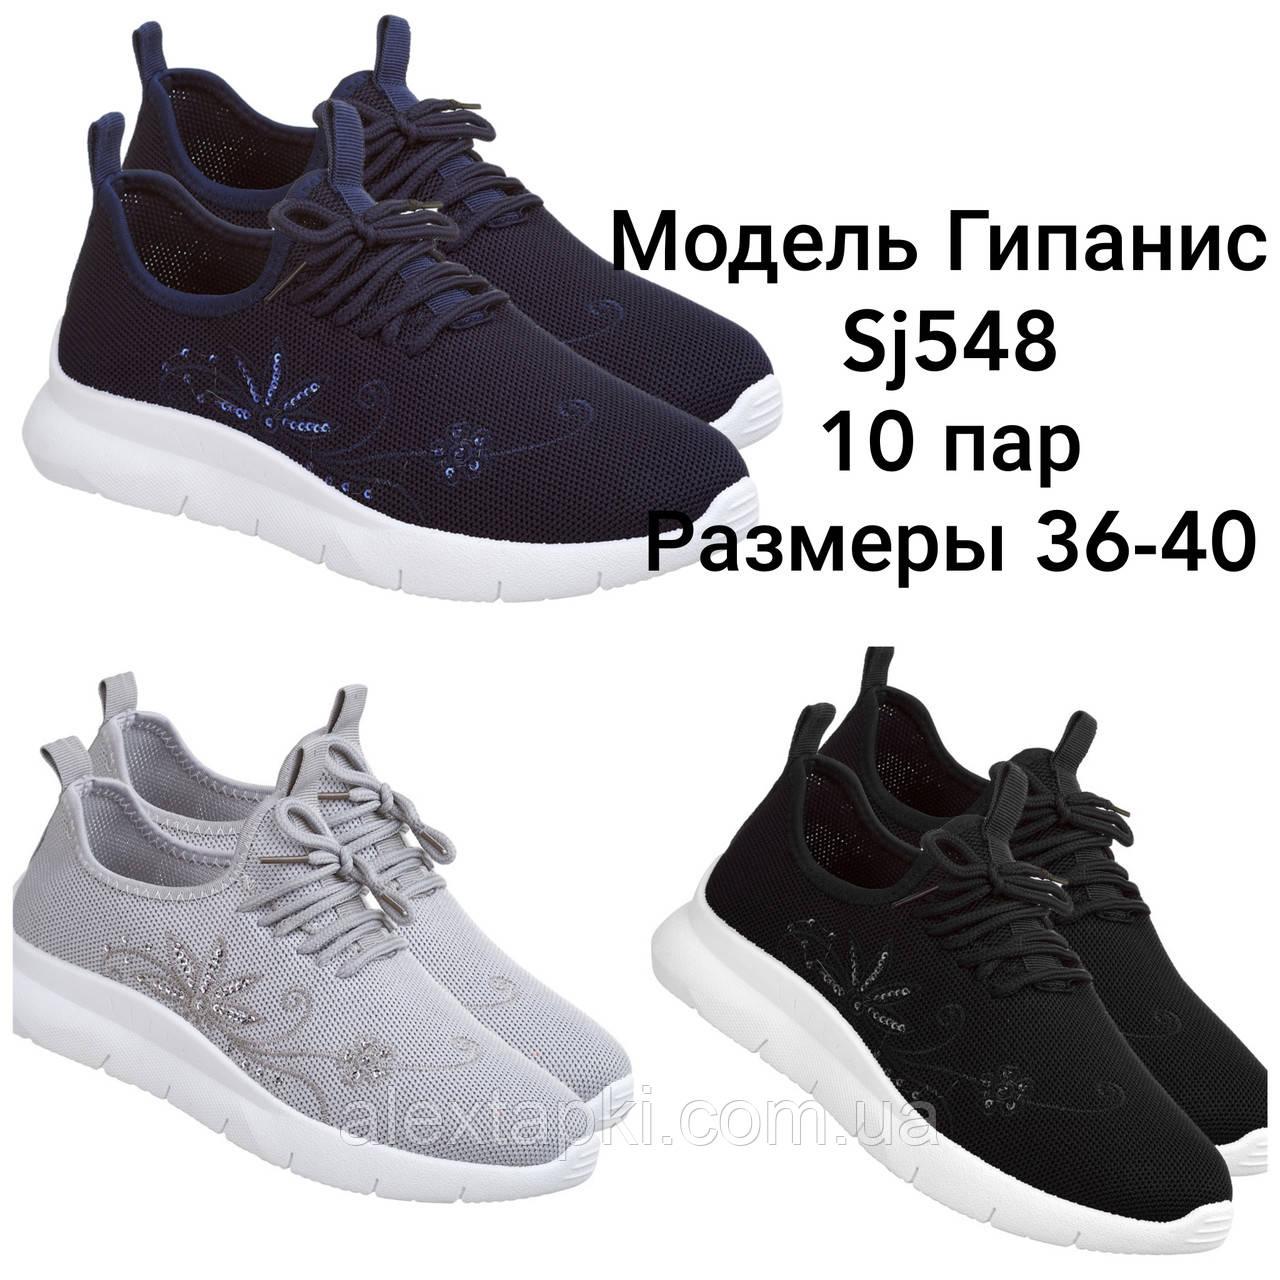 Женские Кроссовки Гипанис SJ548